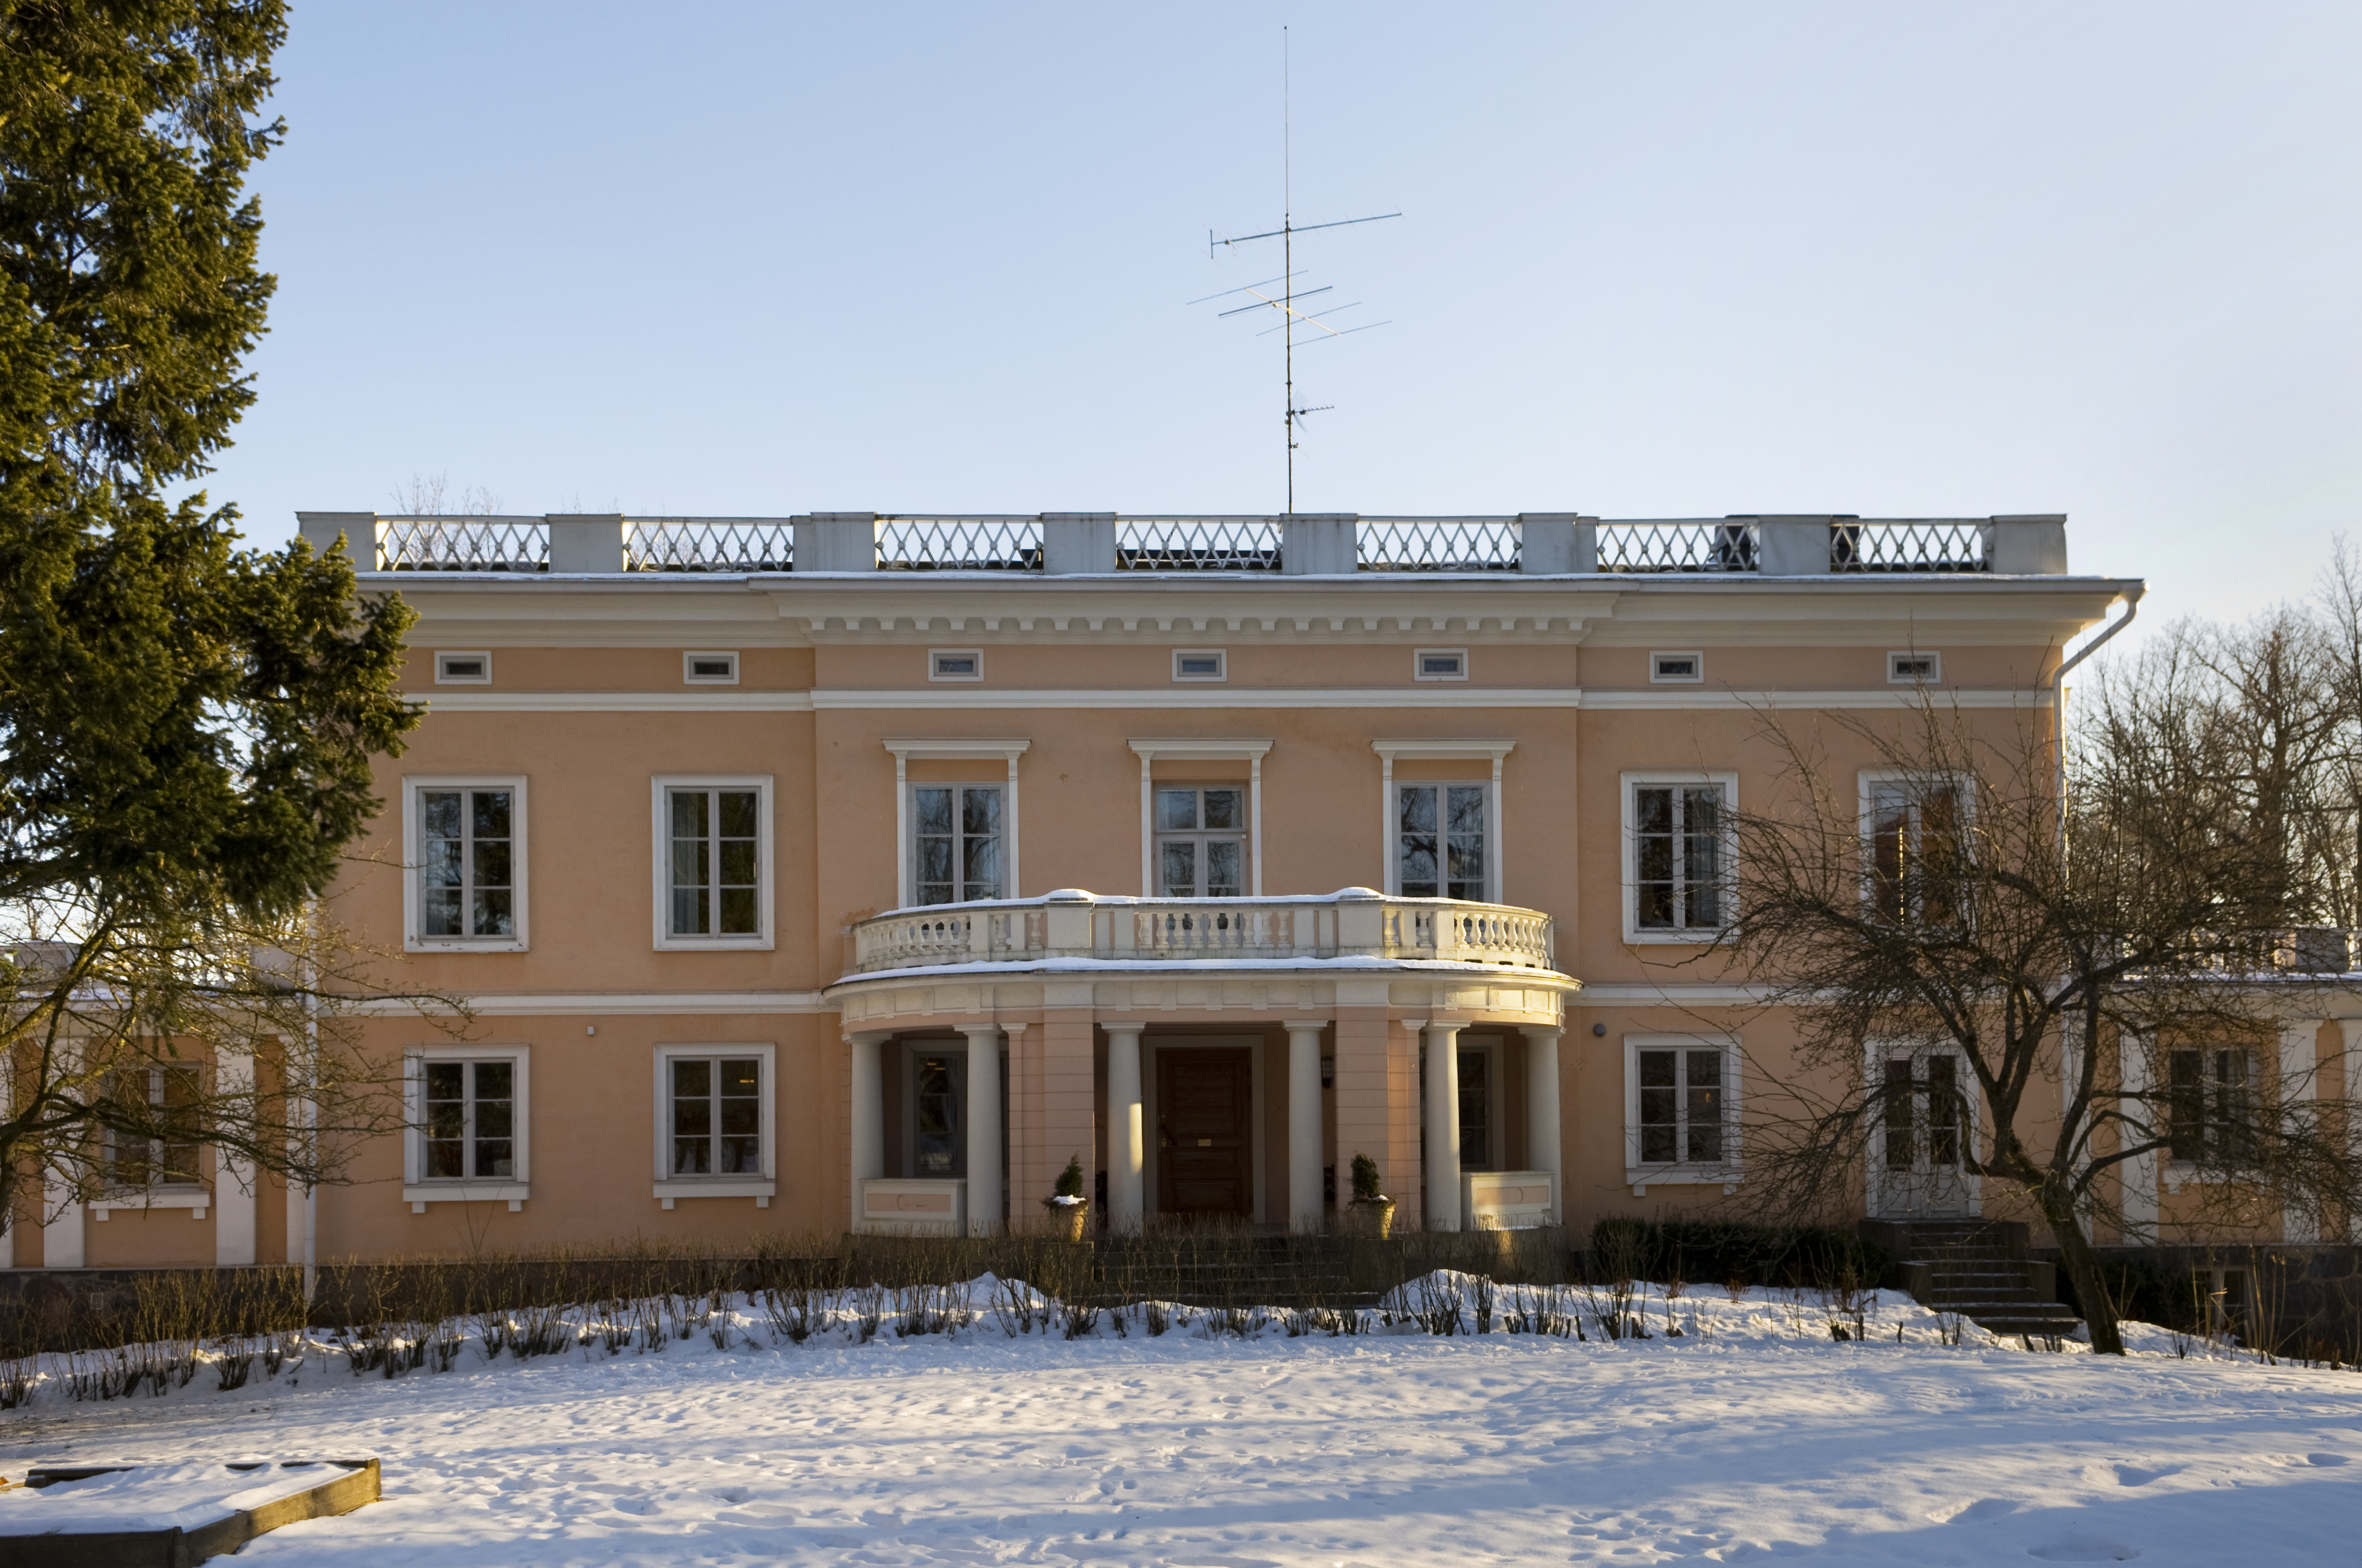 Munkkiniemi manor February 17 2009 01.jpg